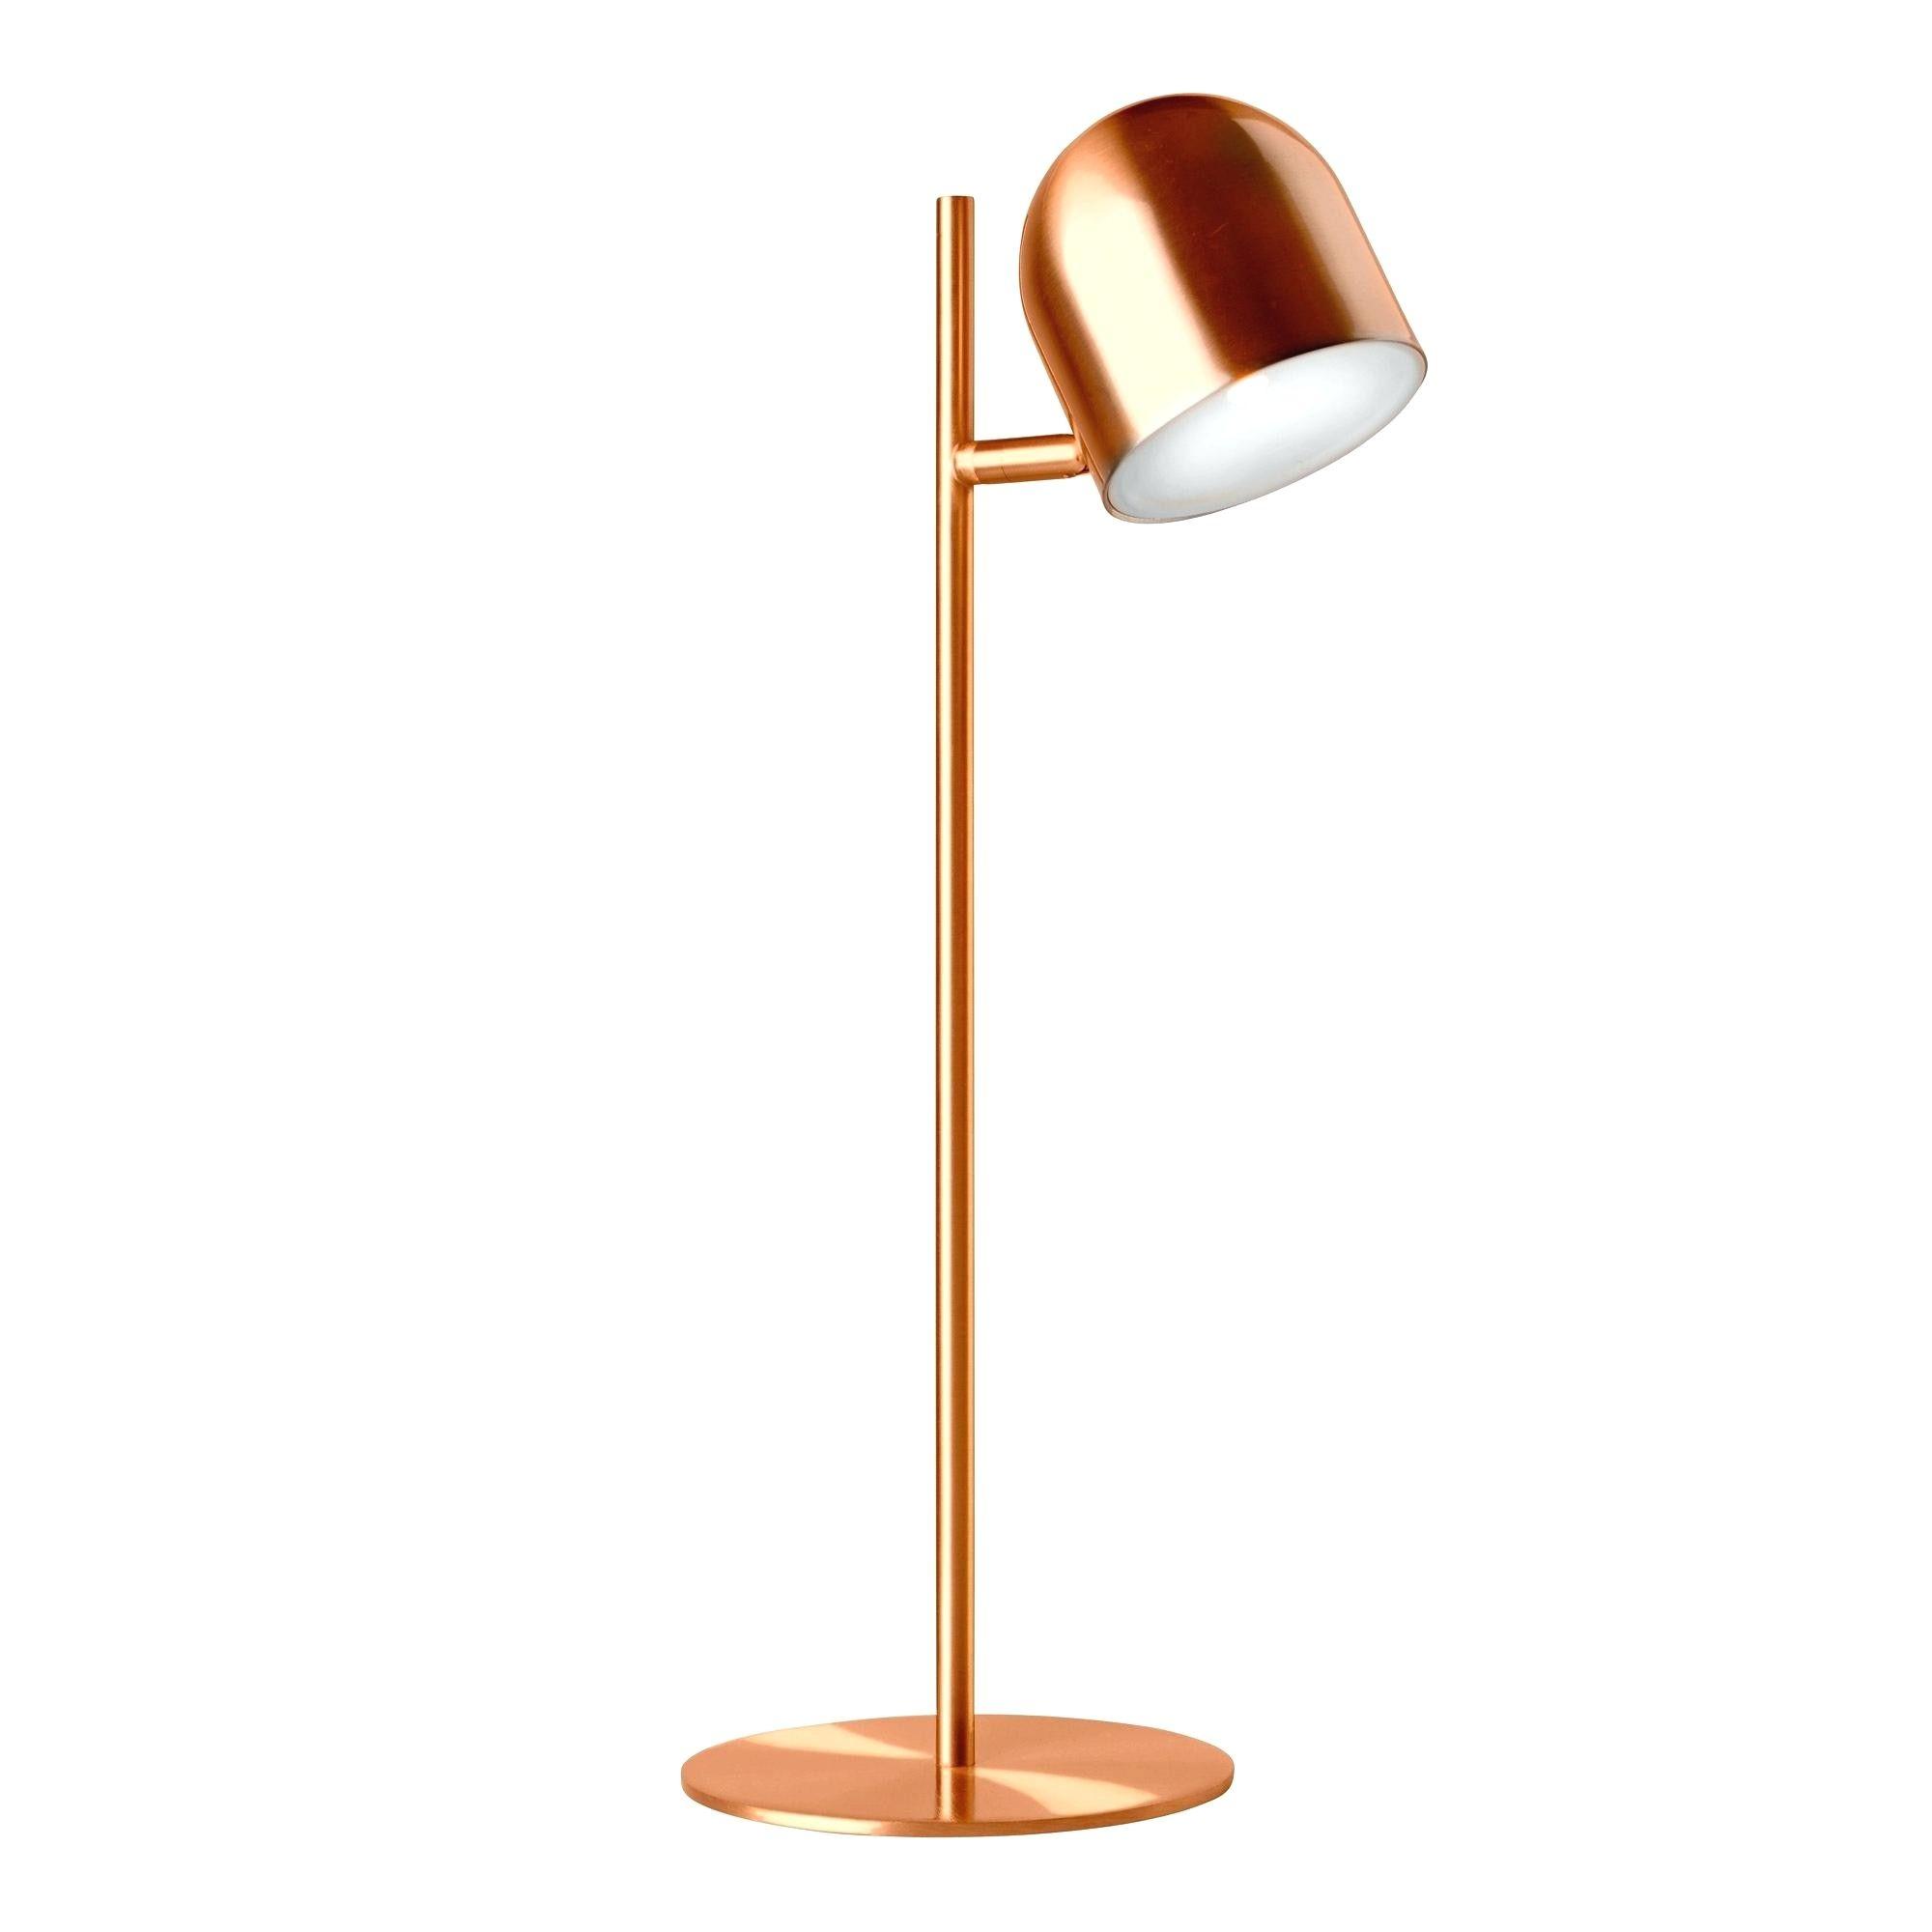 De Avec Next Alinea Previous Lampe Cuivre Chevet Ancienne 5LARc3jq4S